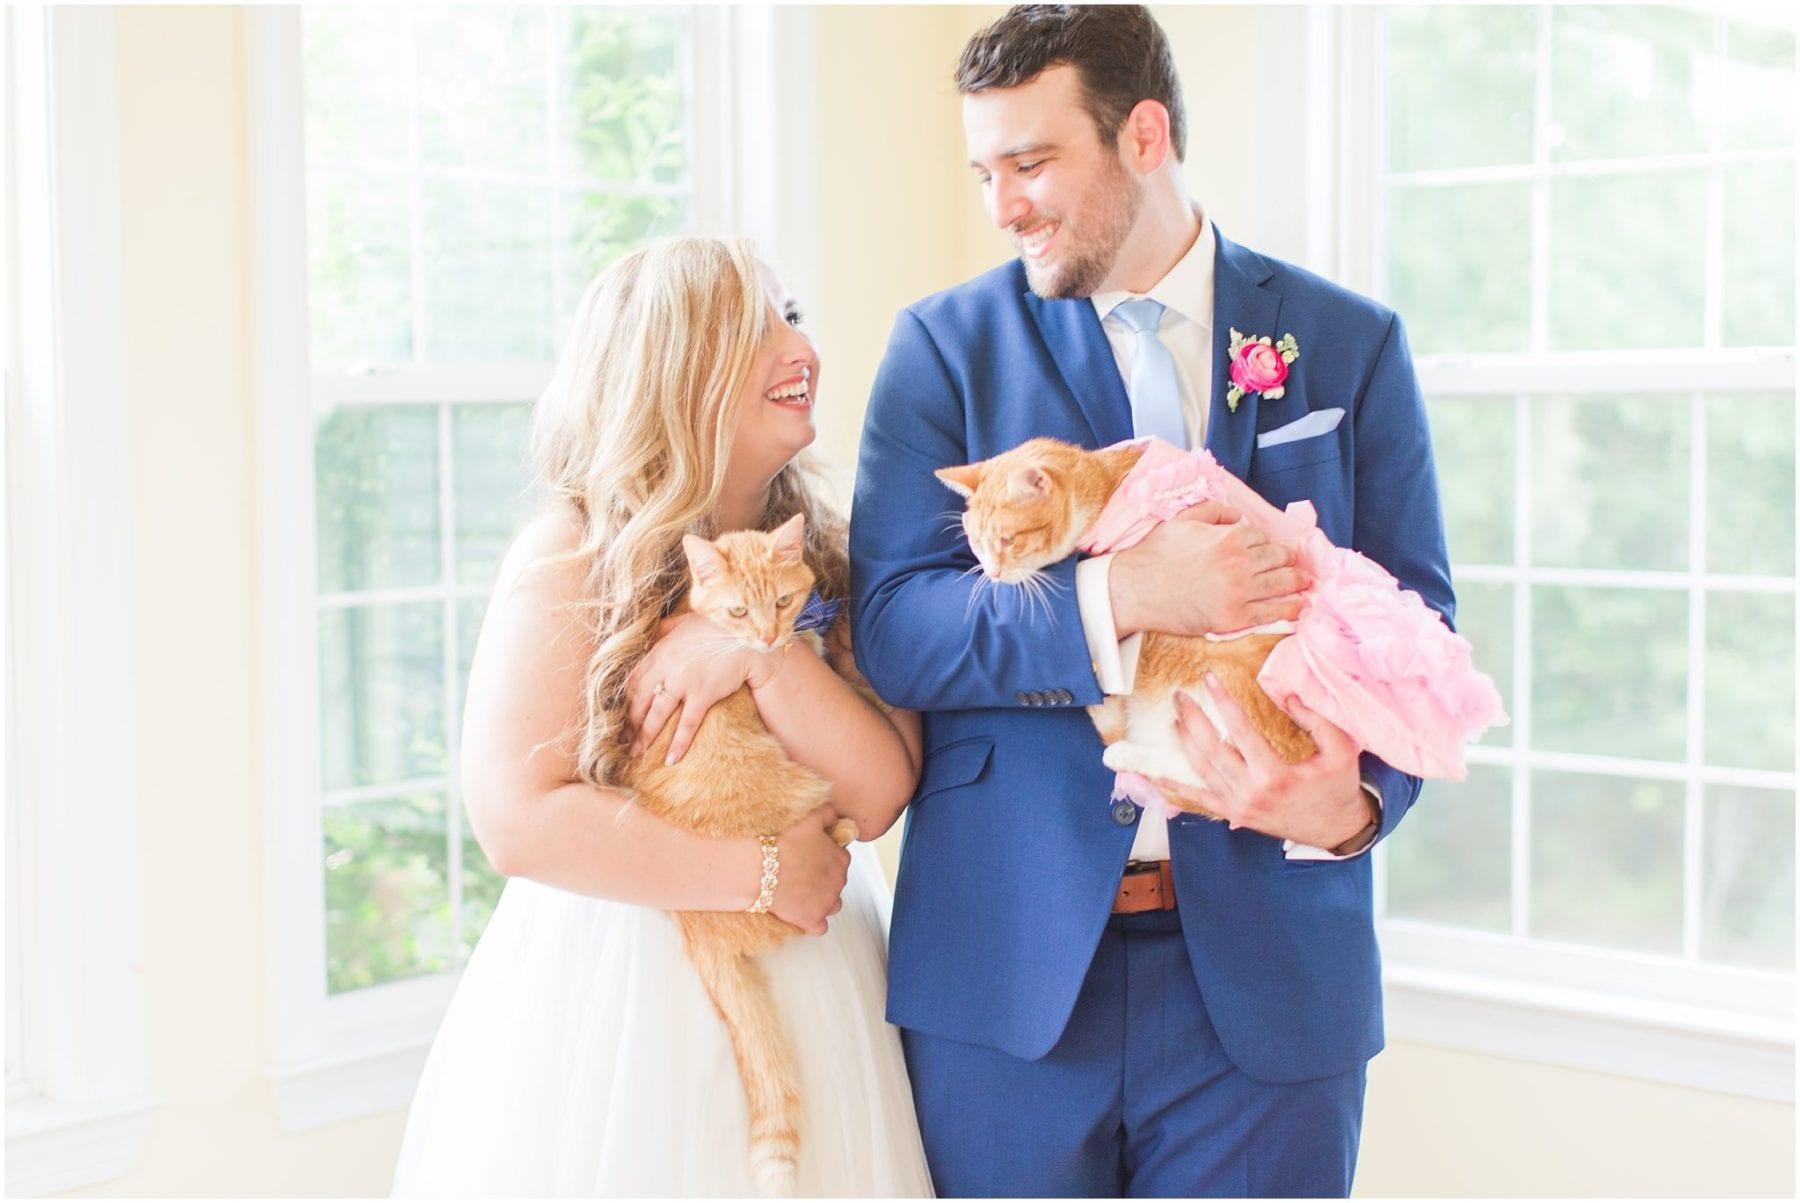 Maryland Backyard Wedding Photos Kelly & Zach Megan Kelsey Photography-204.jpg